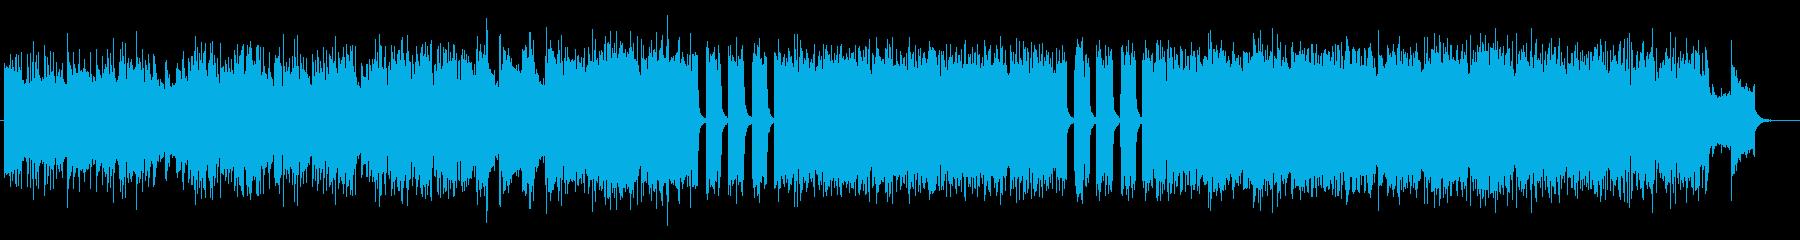 DARKROCK POWER 318の再生済みの波形